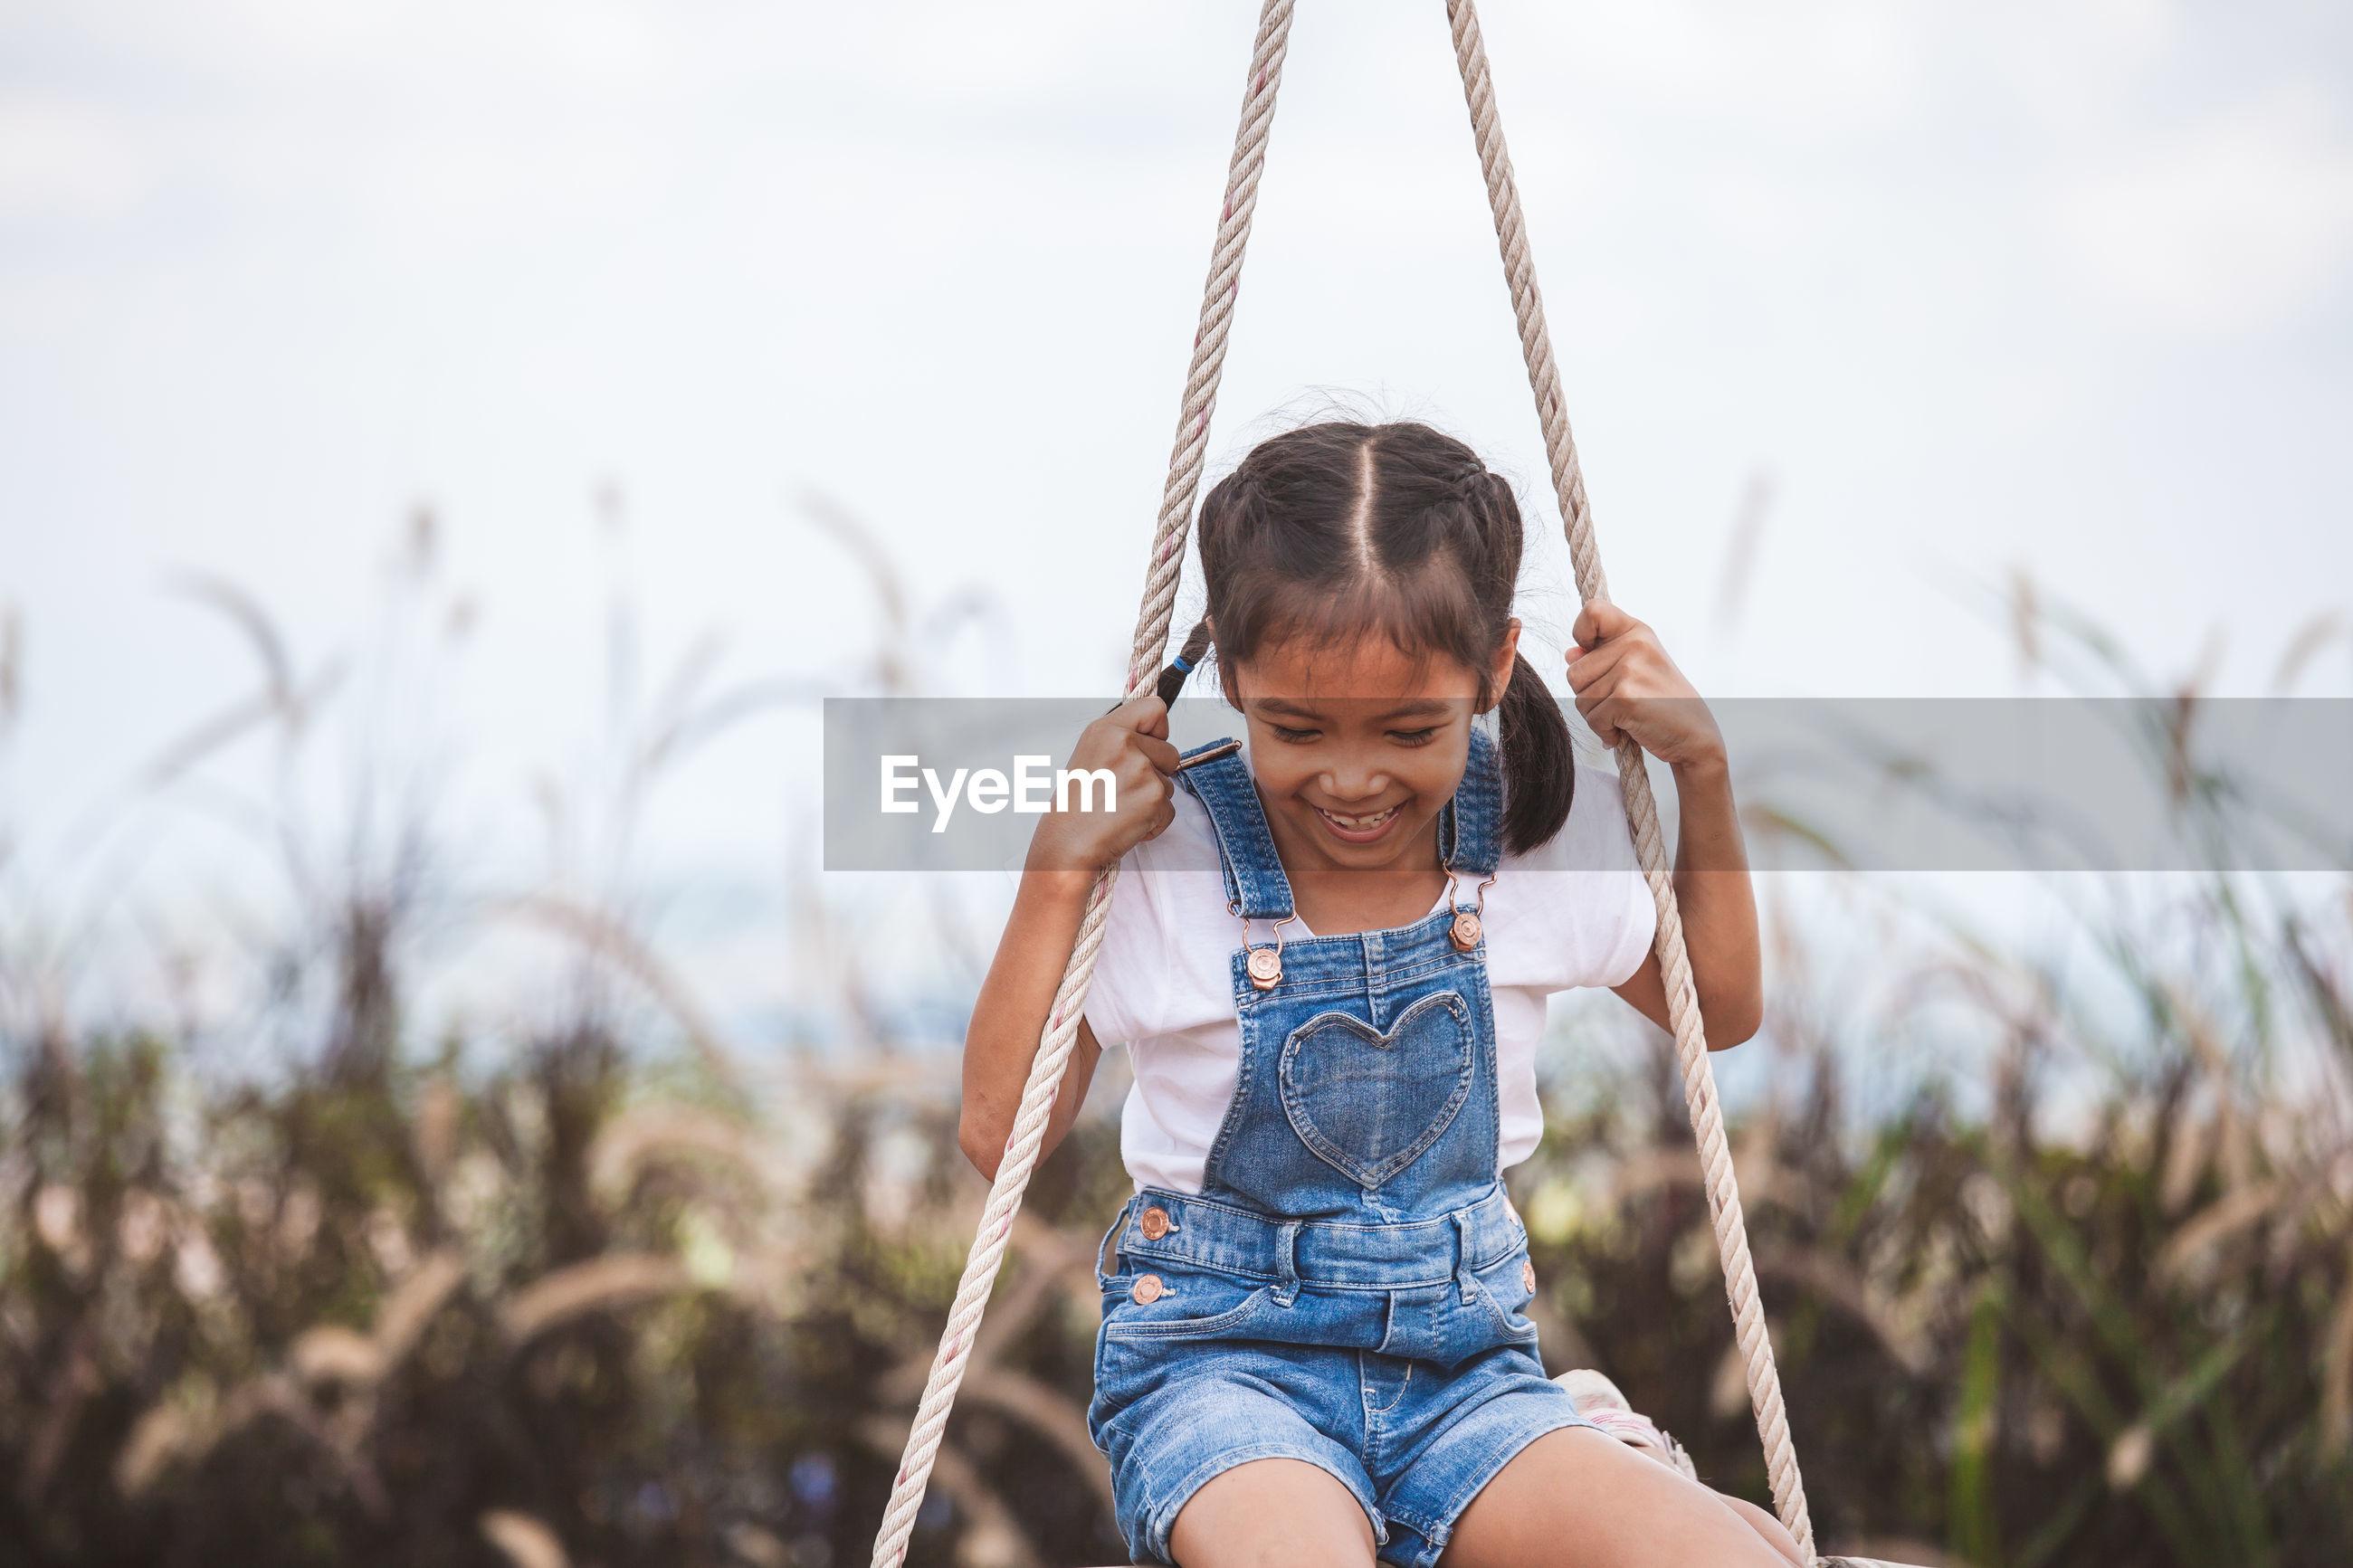 Cheerful girl swinging at playground